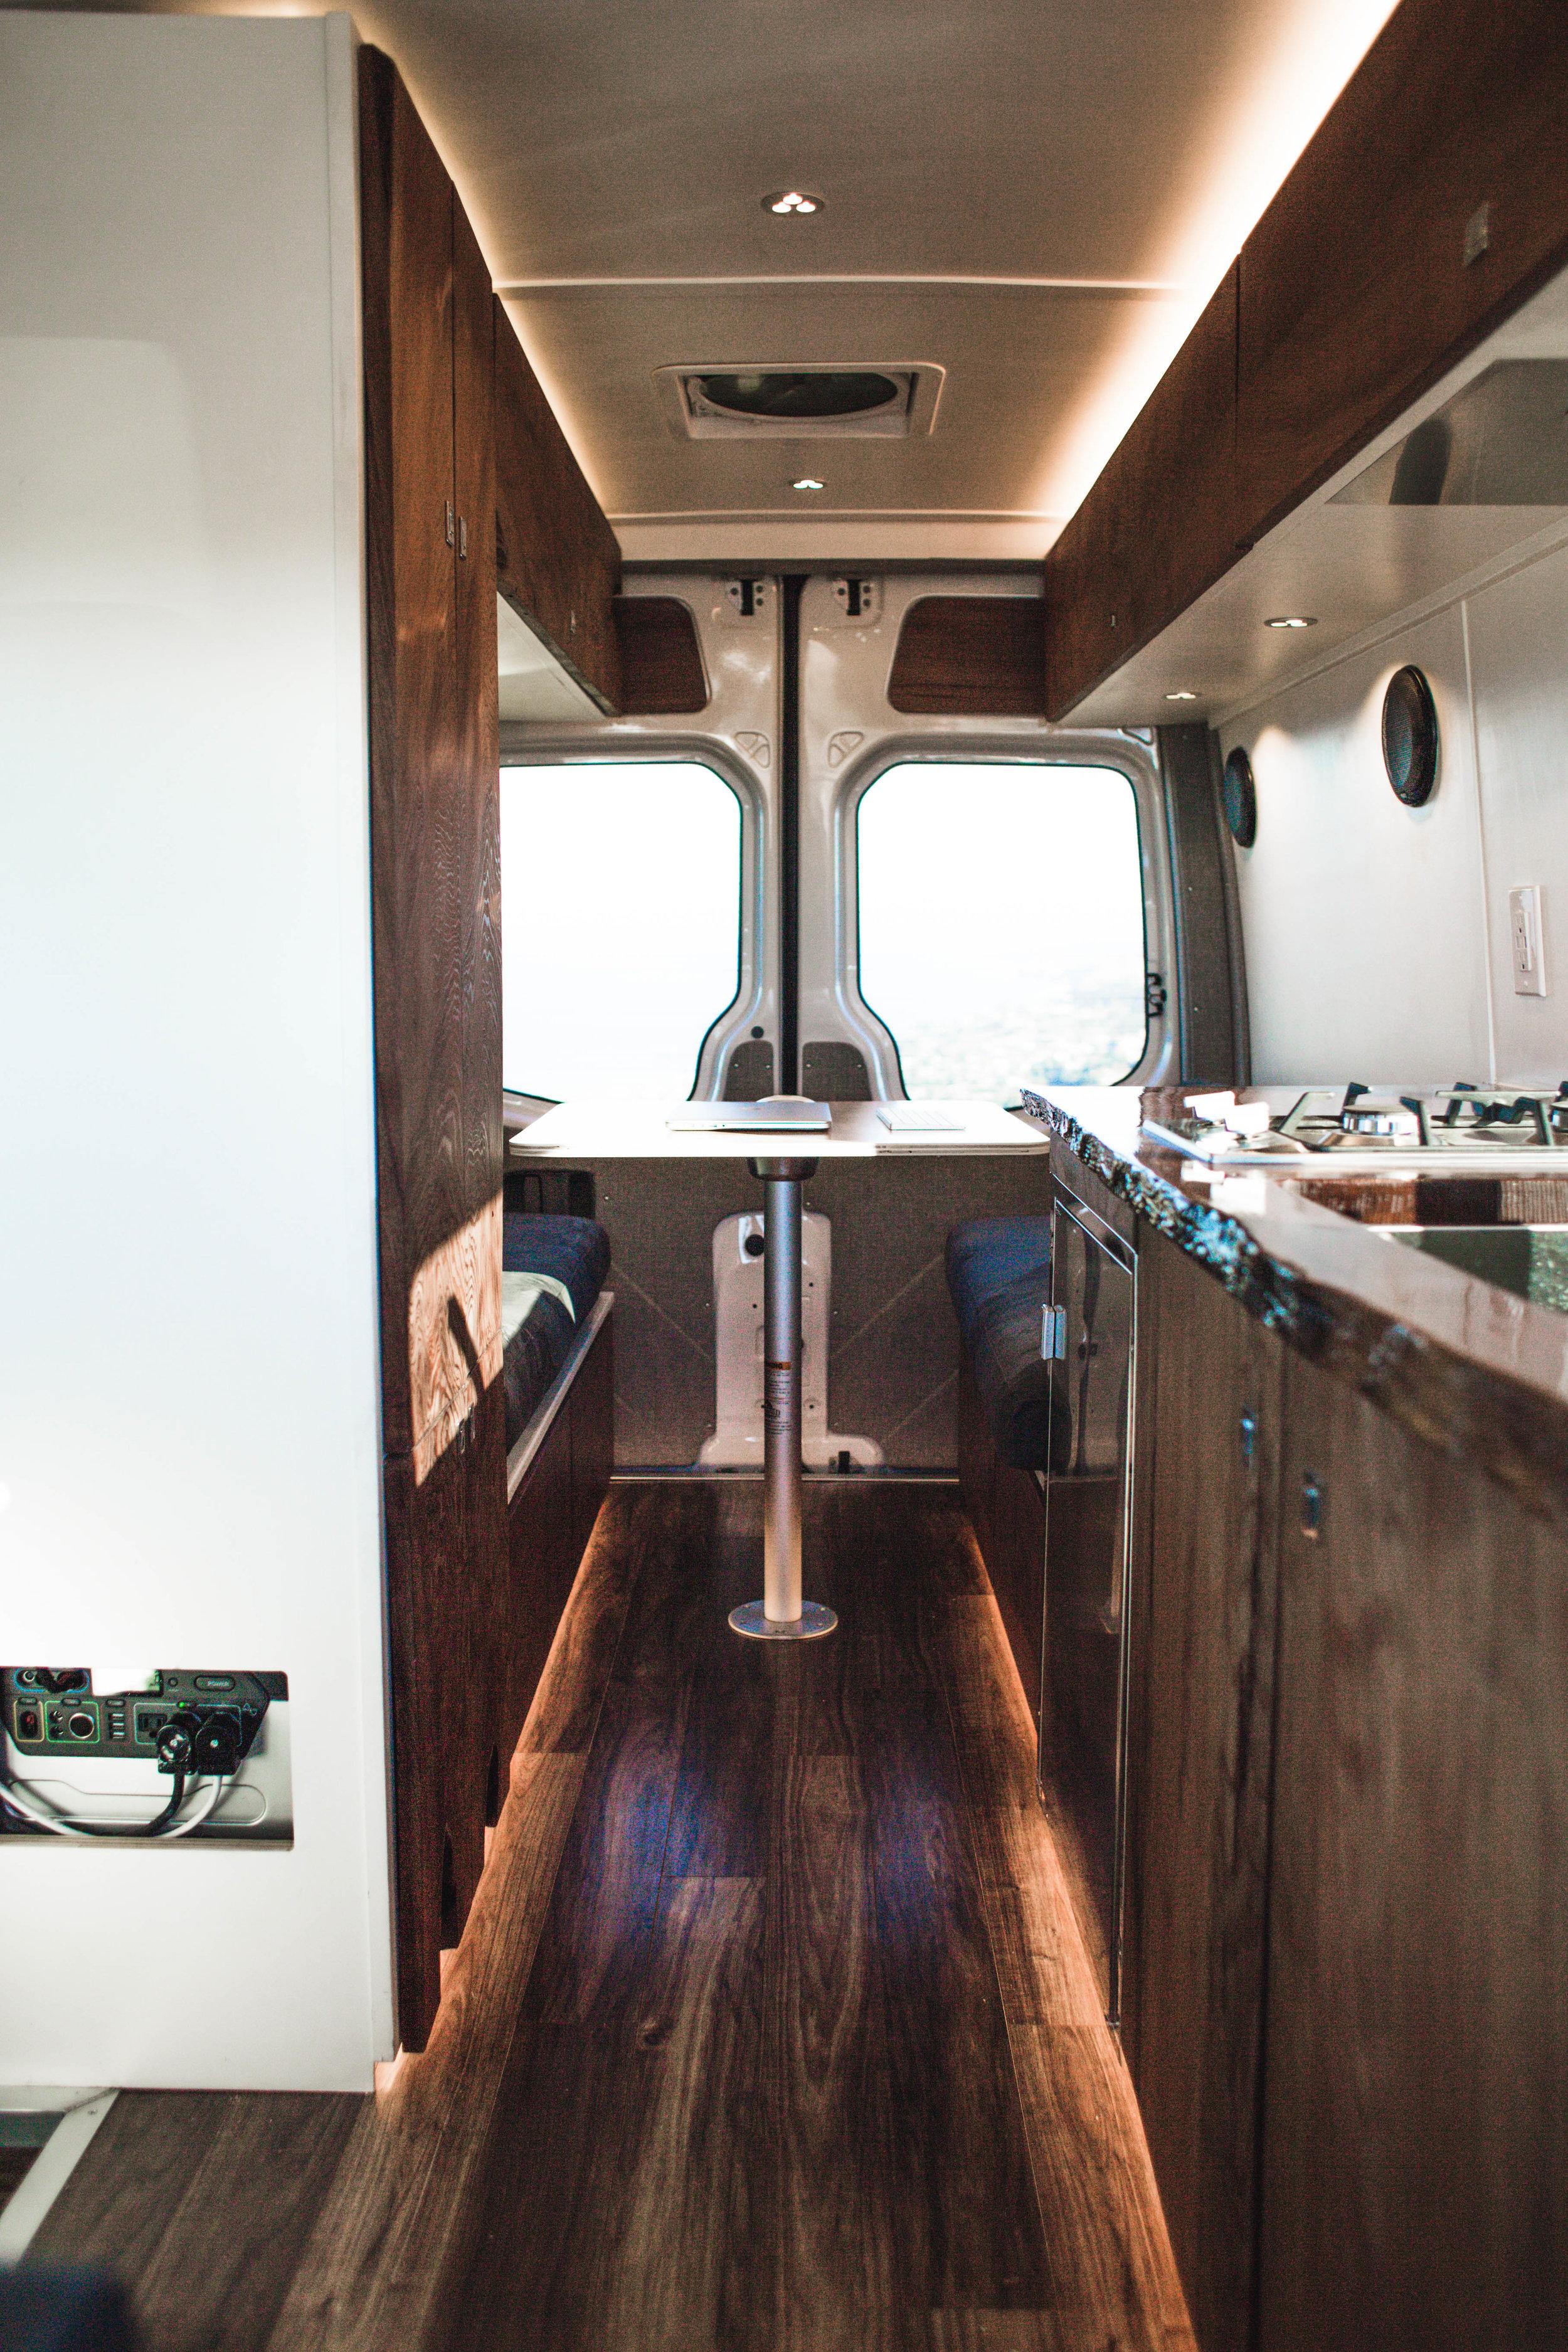 Mercedes-Benz B class campervan MB 140 2015